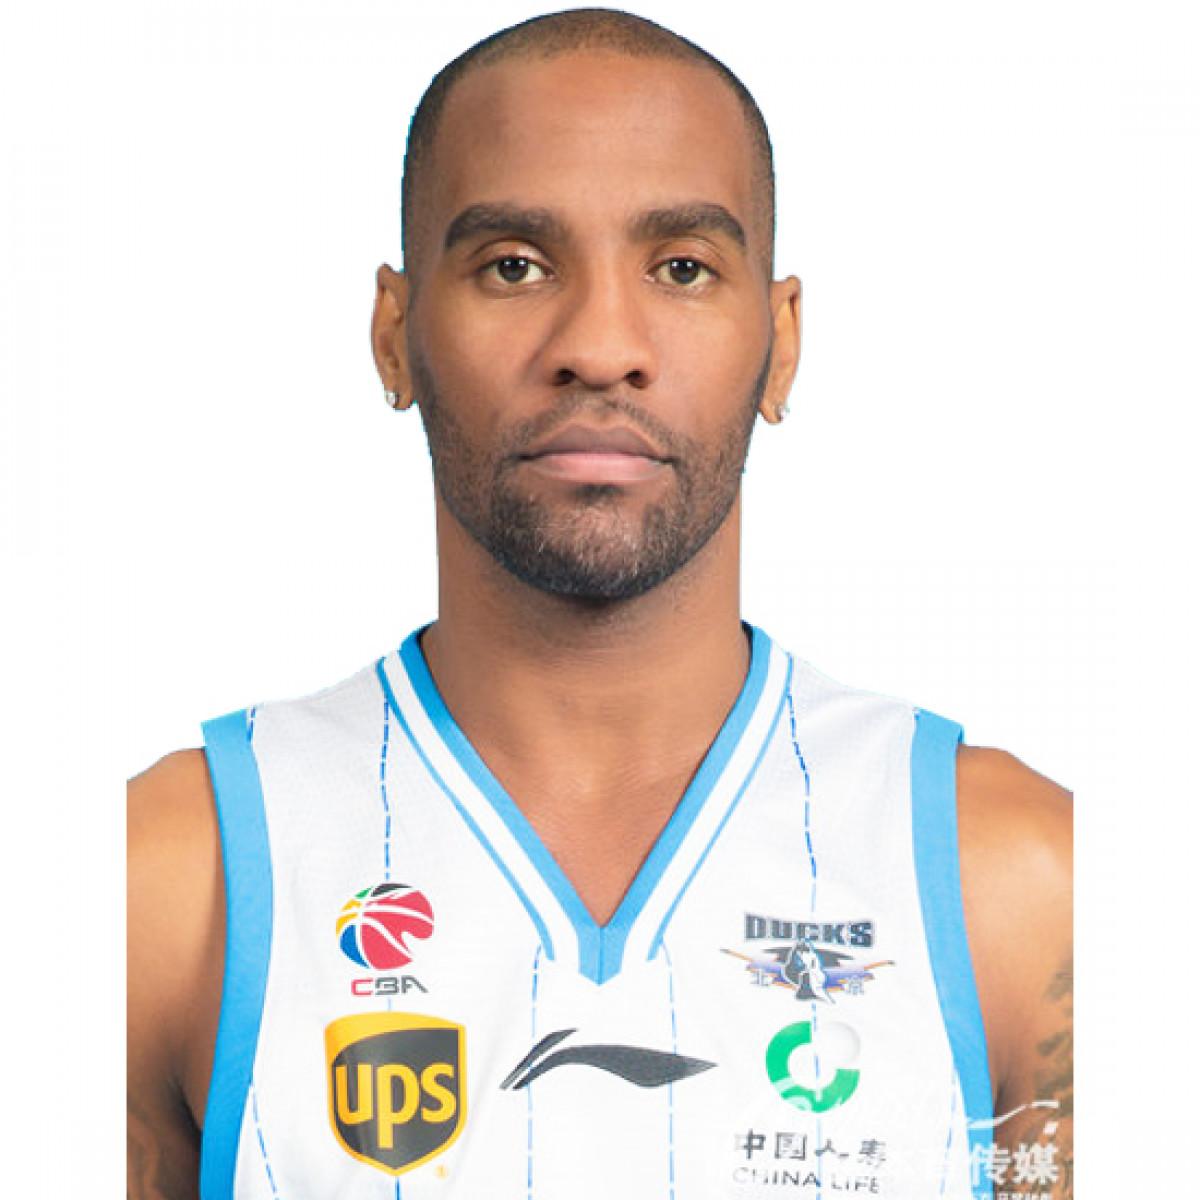 Photo of Aaron Jackson, 2019-2020 season